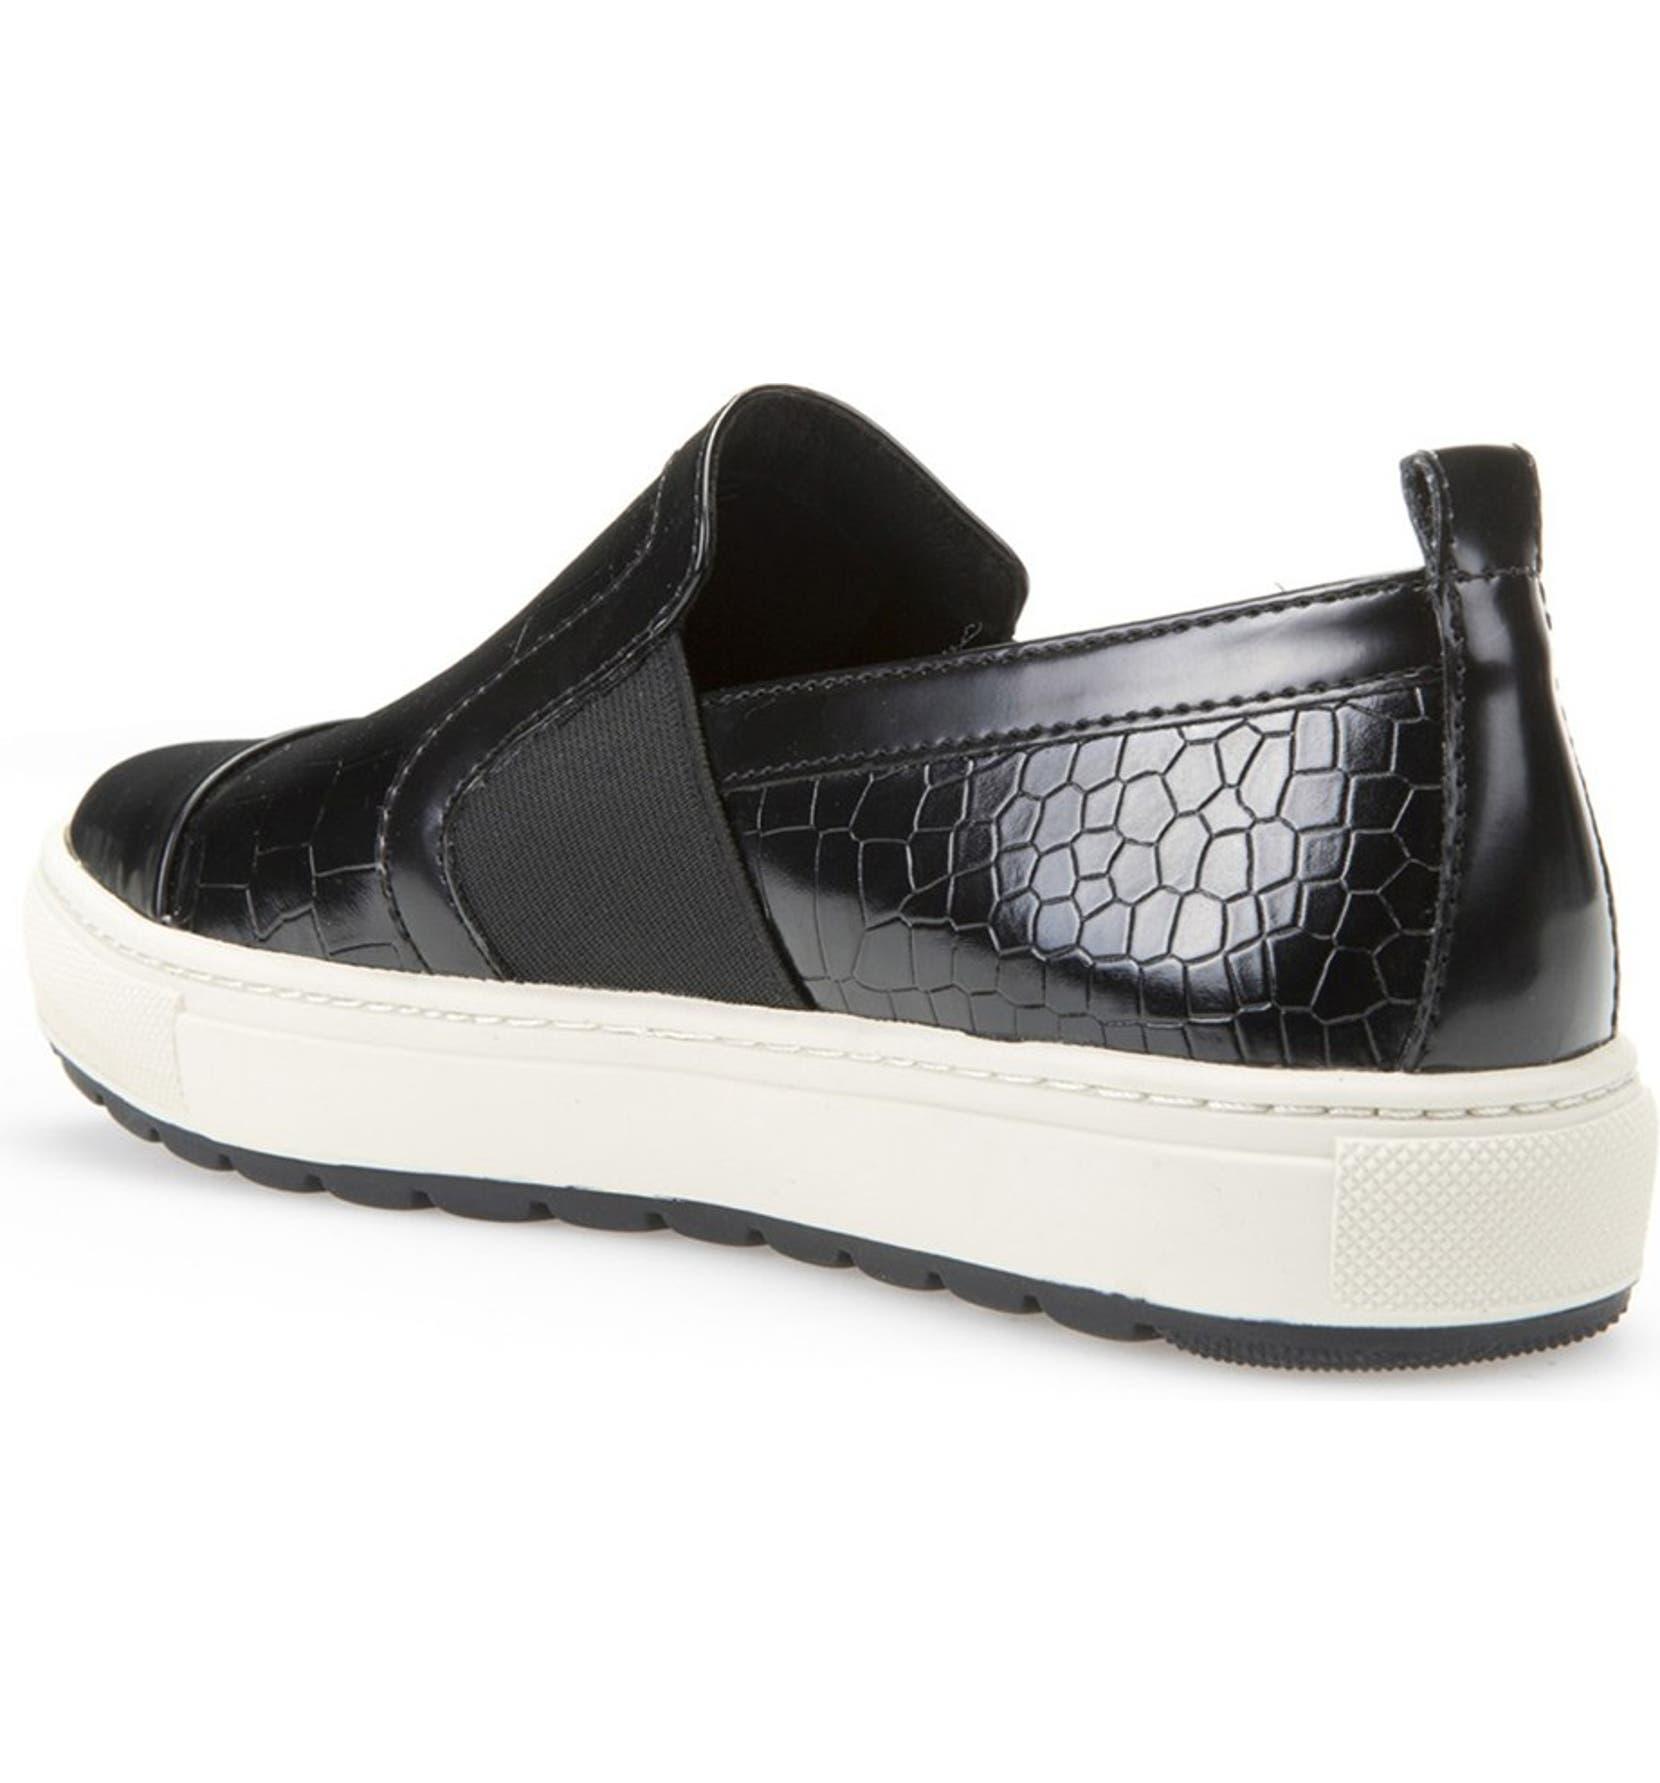 6ed0ff7f239 Geox  Breeda  Slip-On Sneaker (Women)